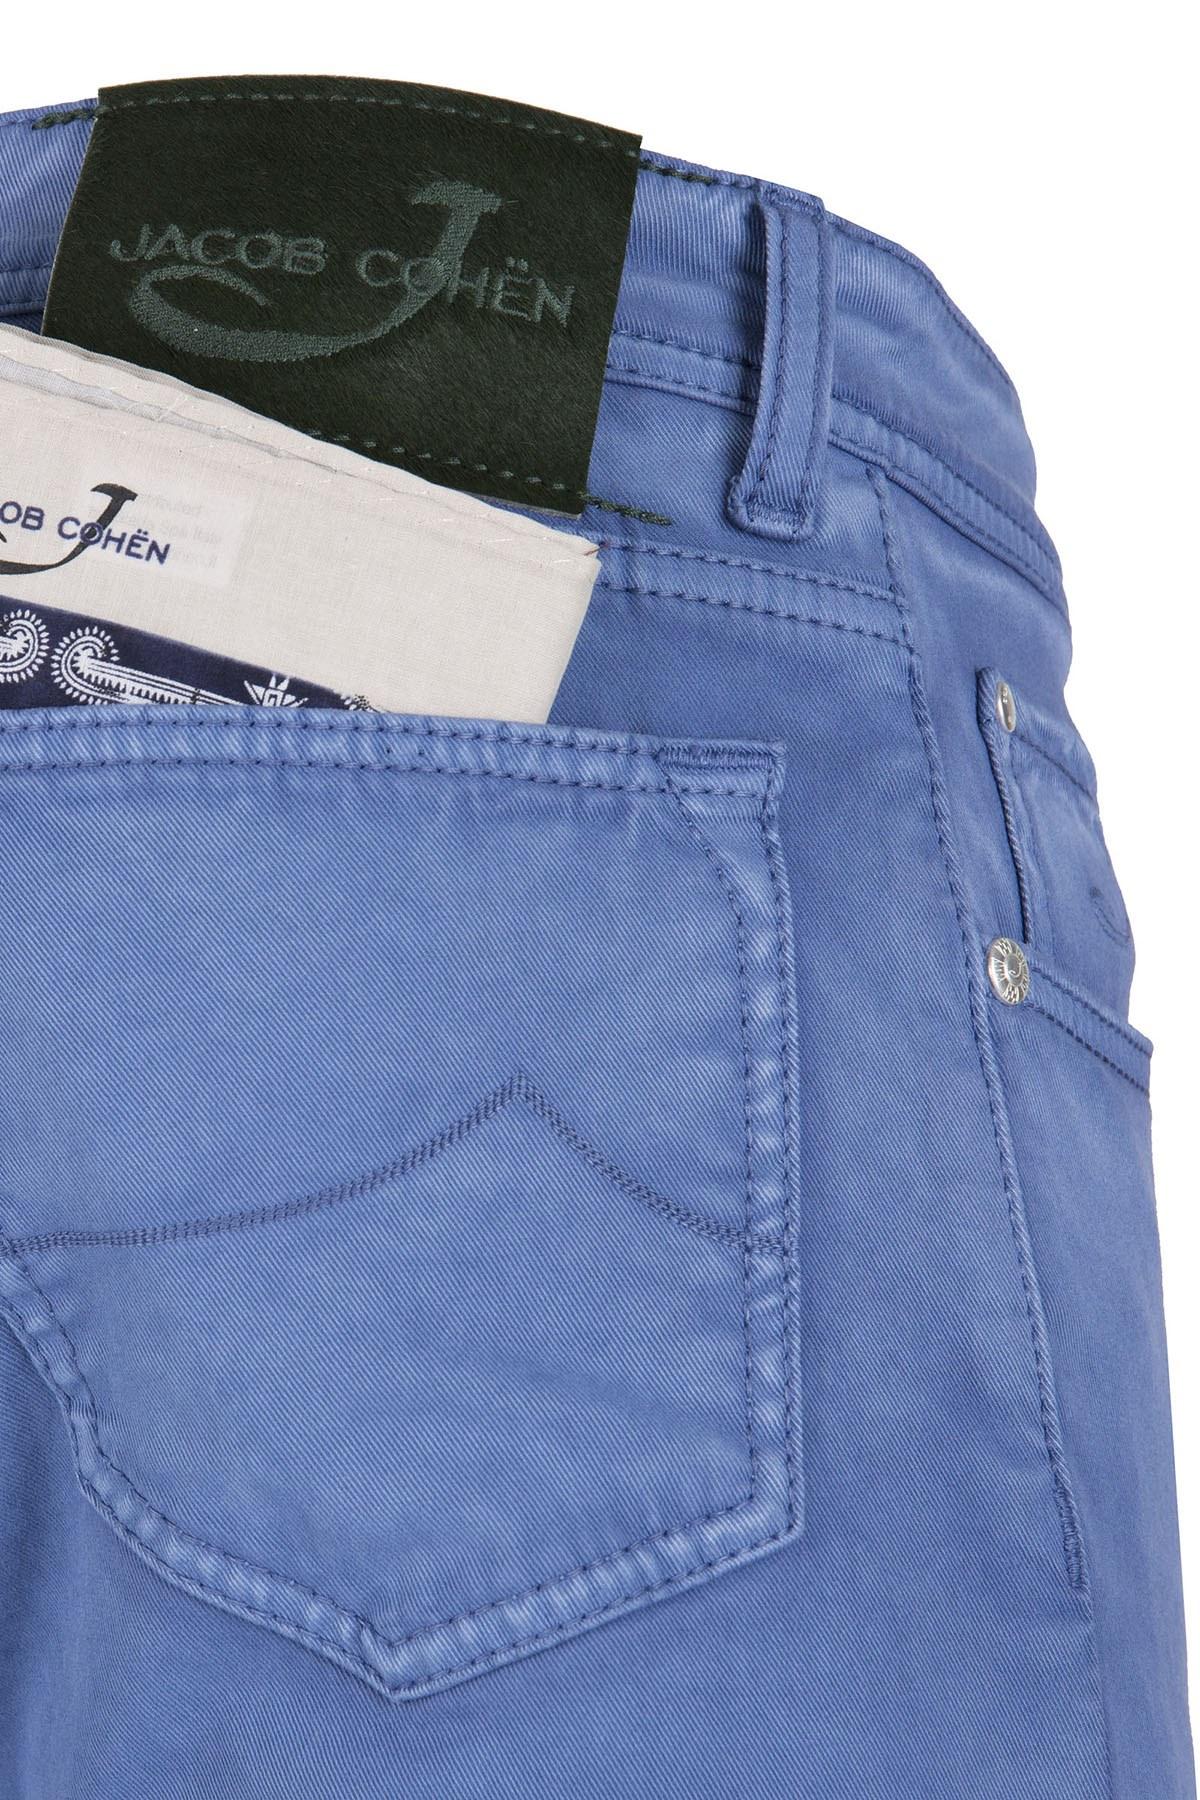 JACOB COHEN JEANS Erkek Pamuklu Pantolon PW622 COMF 01023LX 859 MAVİ